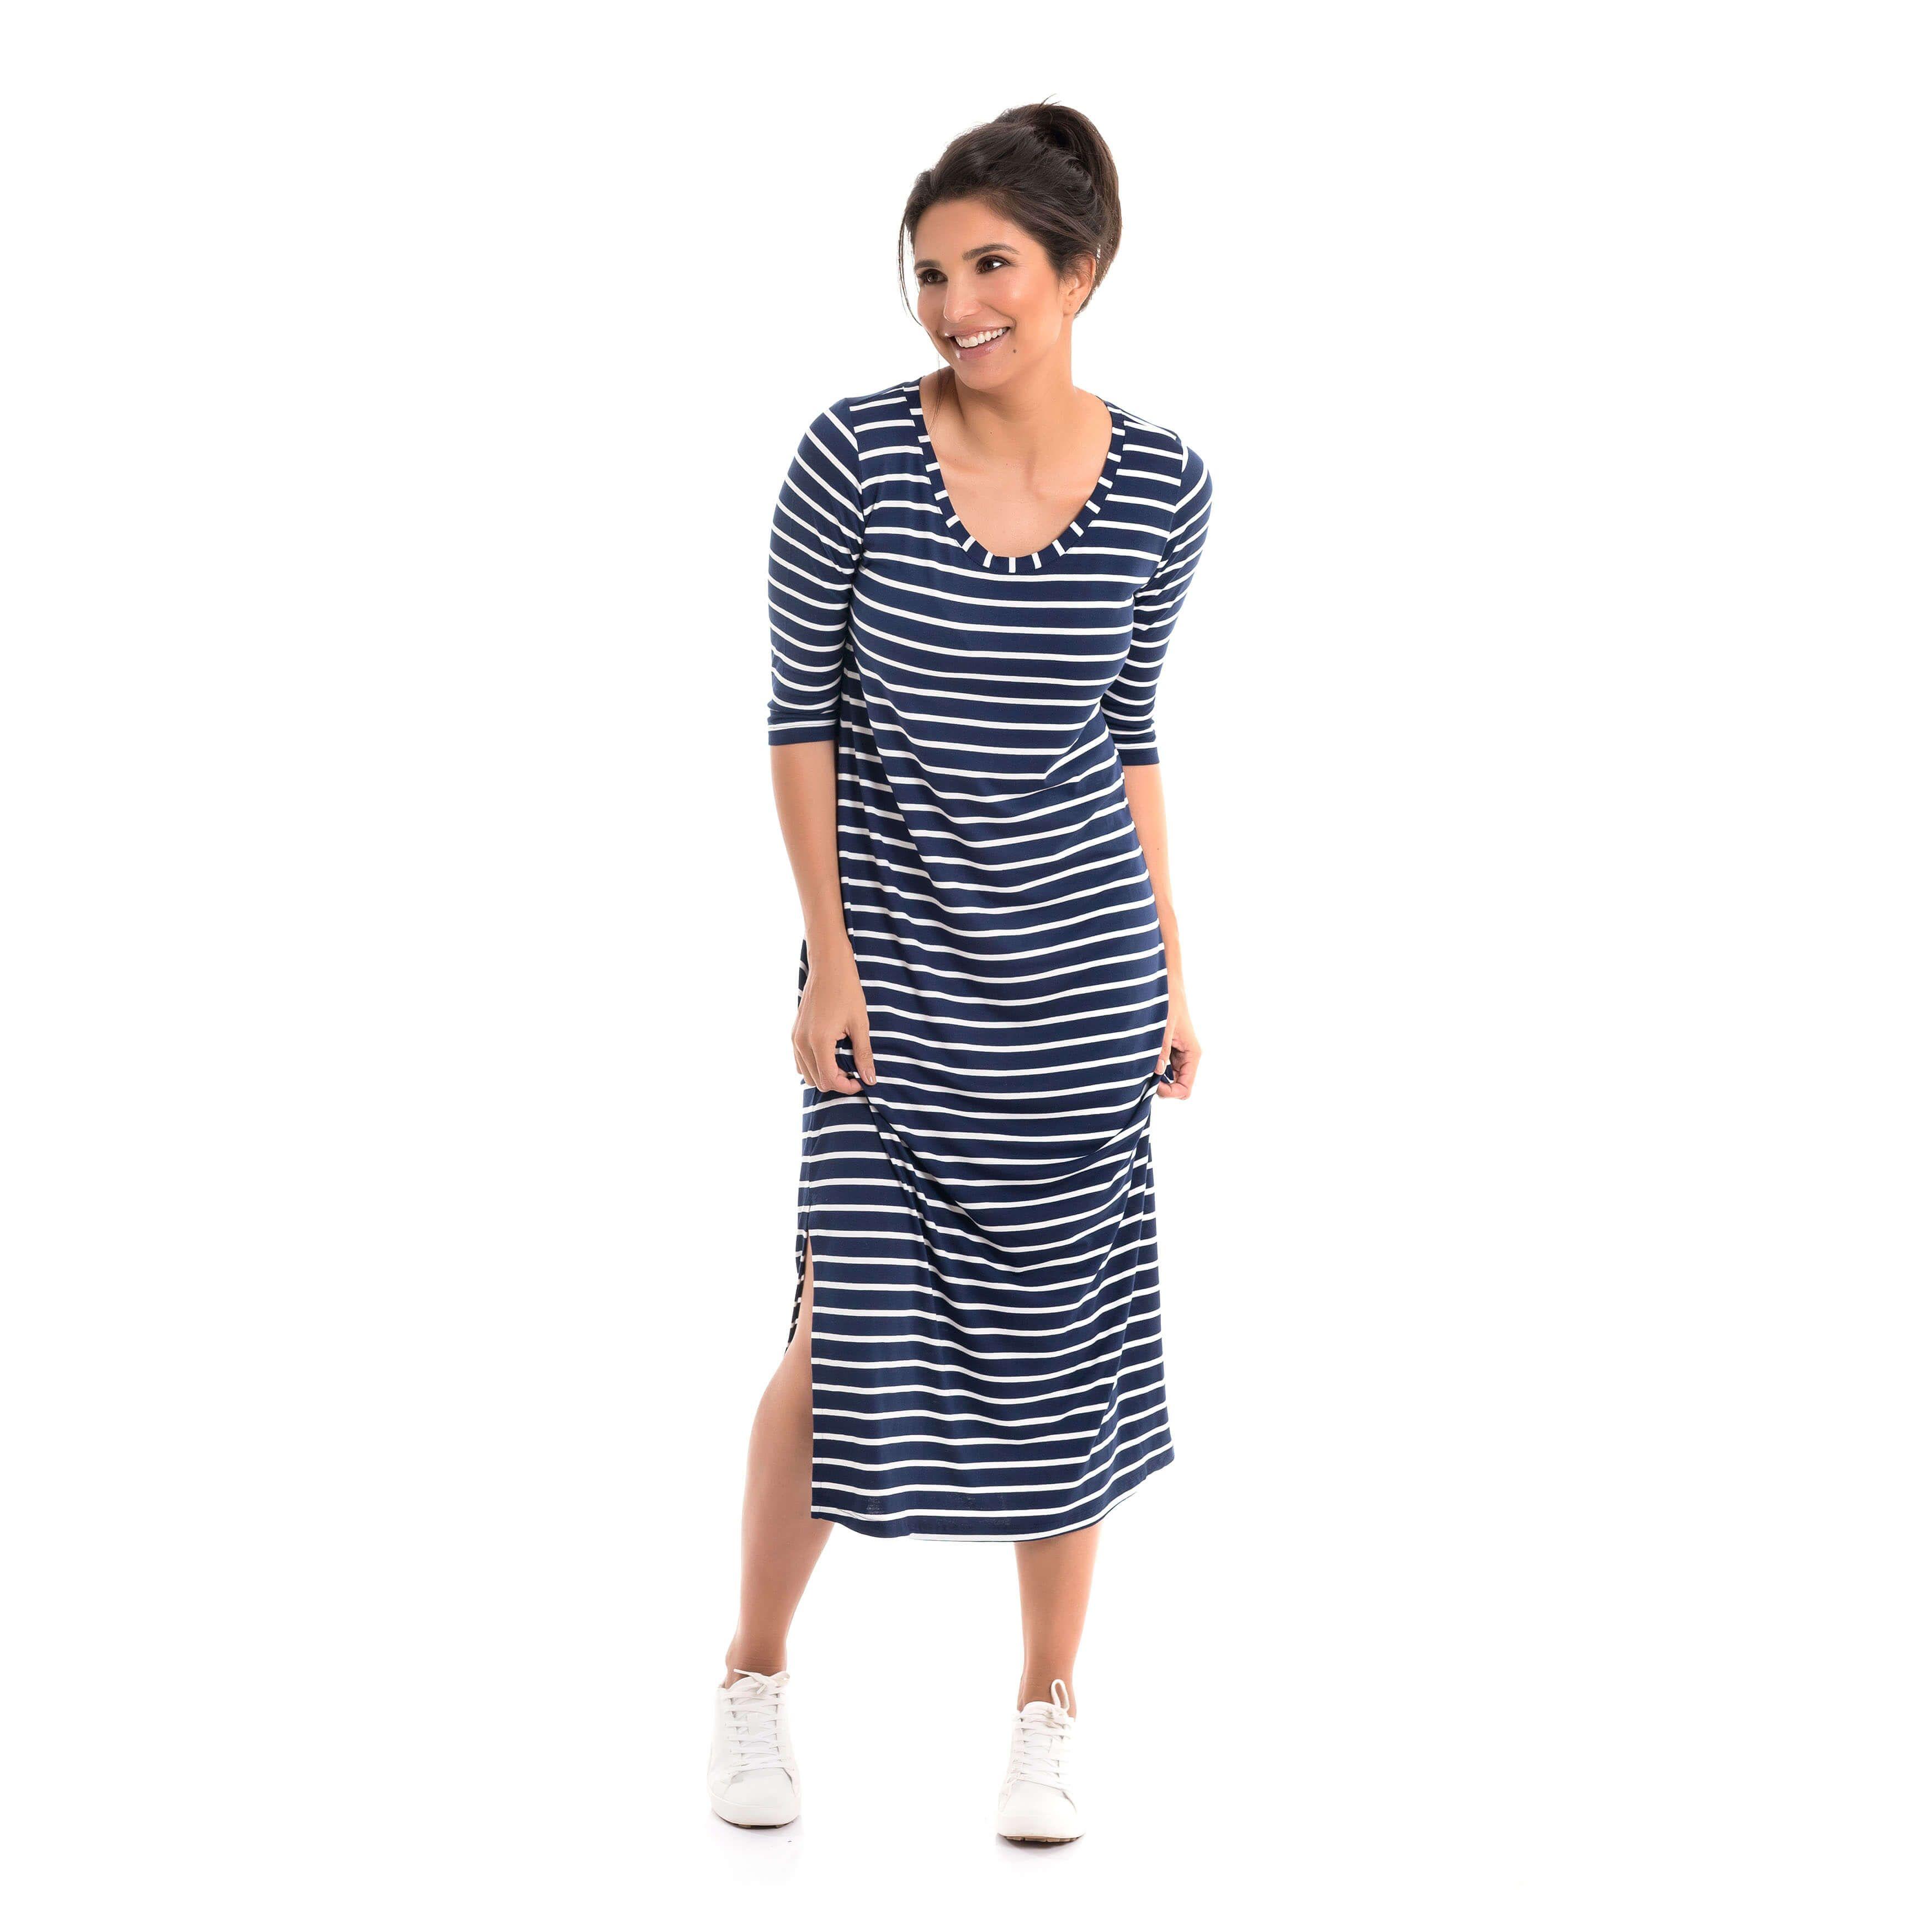 9d1c66247d Vestido Gestante Eloana é aquele vestido básico no comprimento midi que  você não vai querer tirar do corpo!